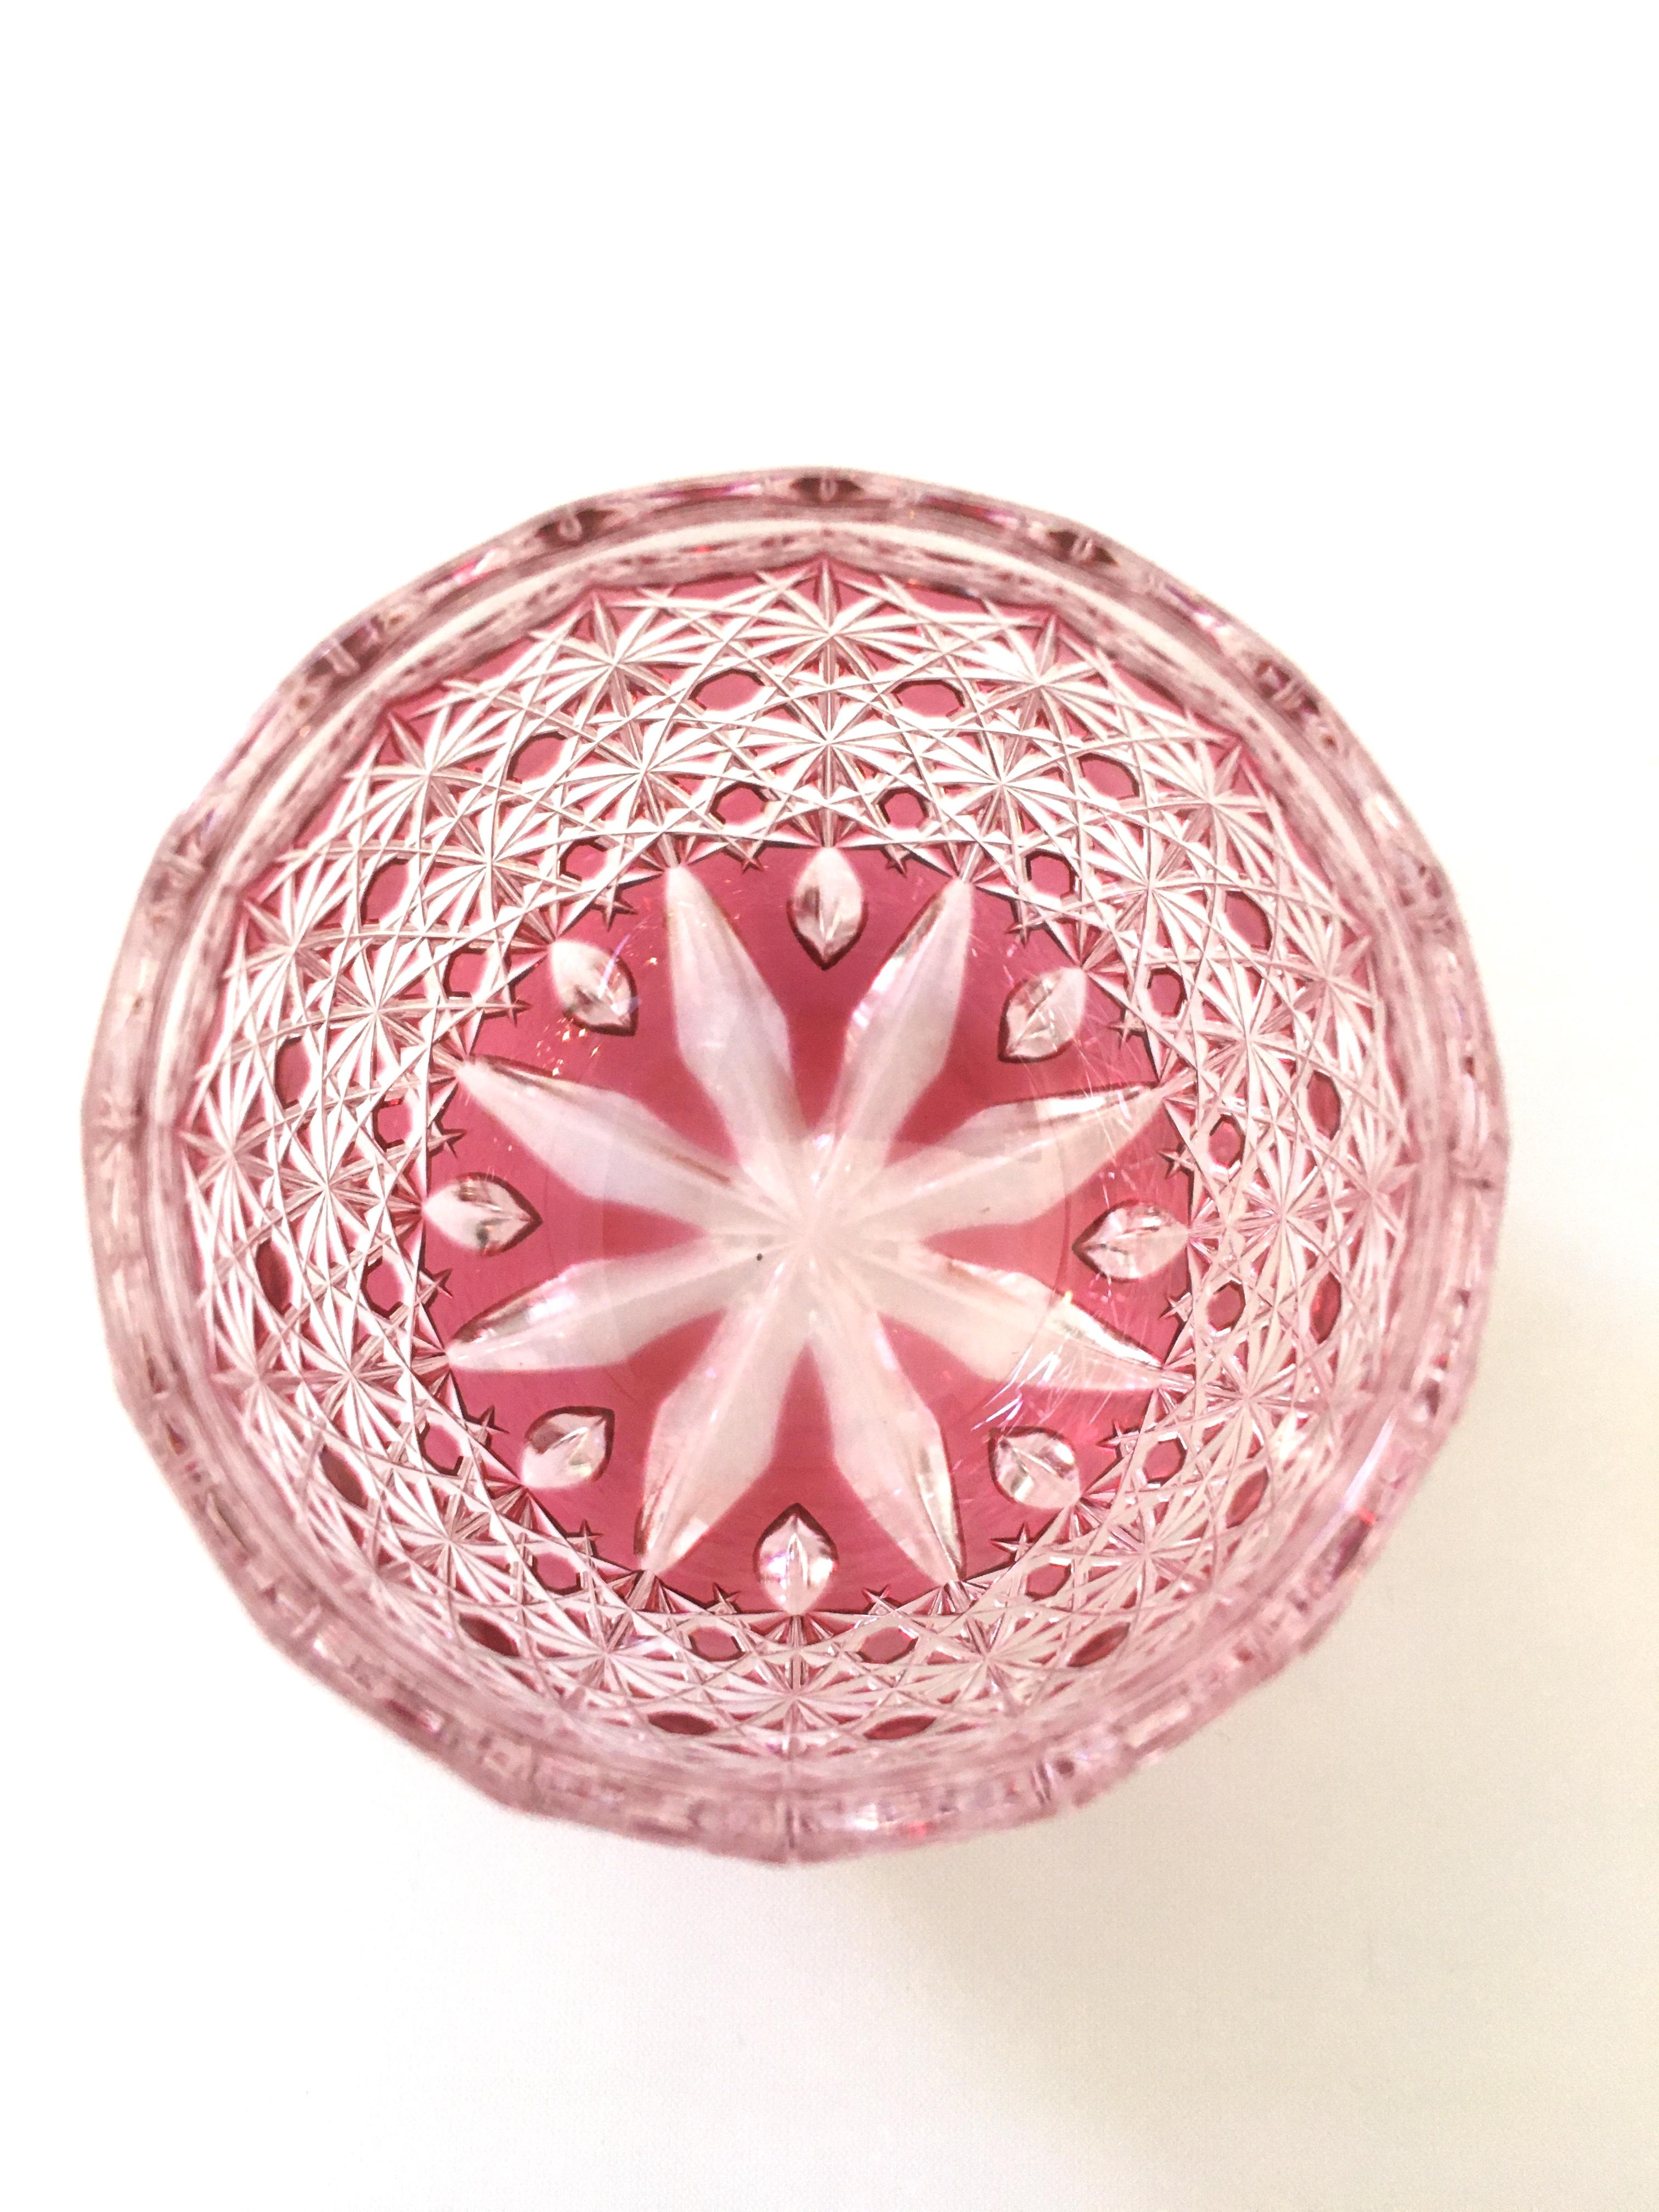 江戸切子の店 琥珀色金赤被せ クリスタルガラス ぐい吞(蕾)が品切れになりました